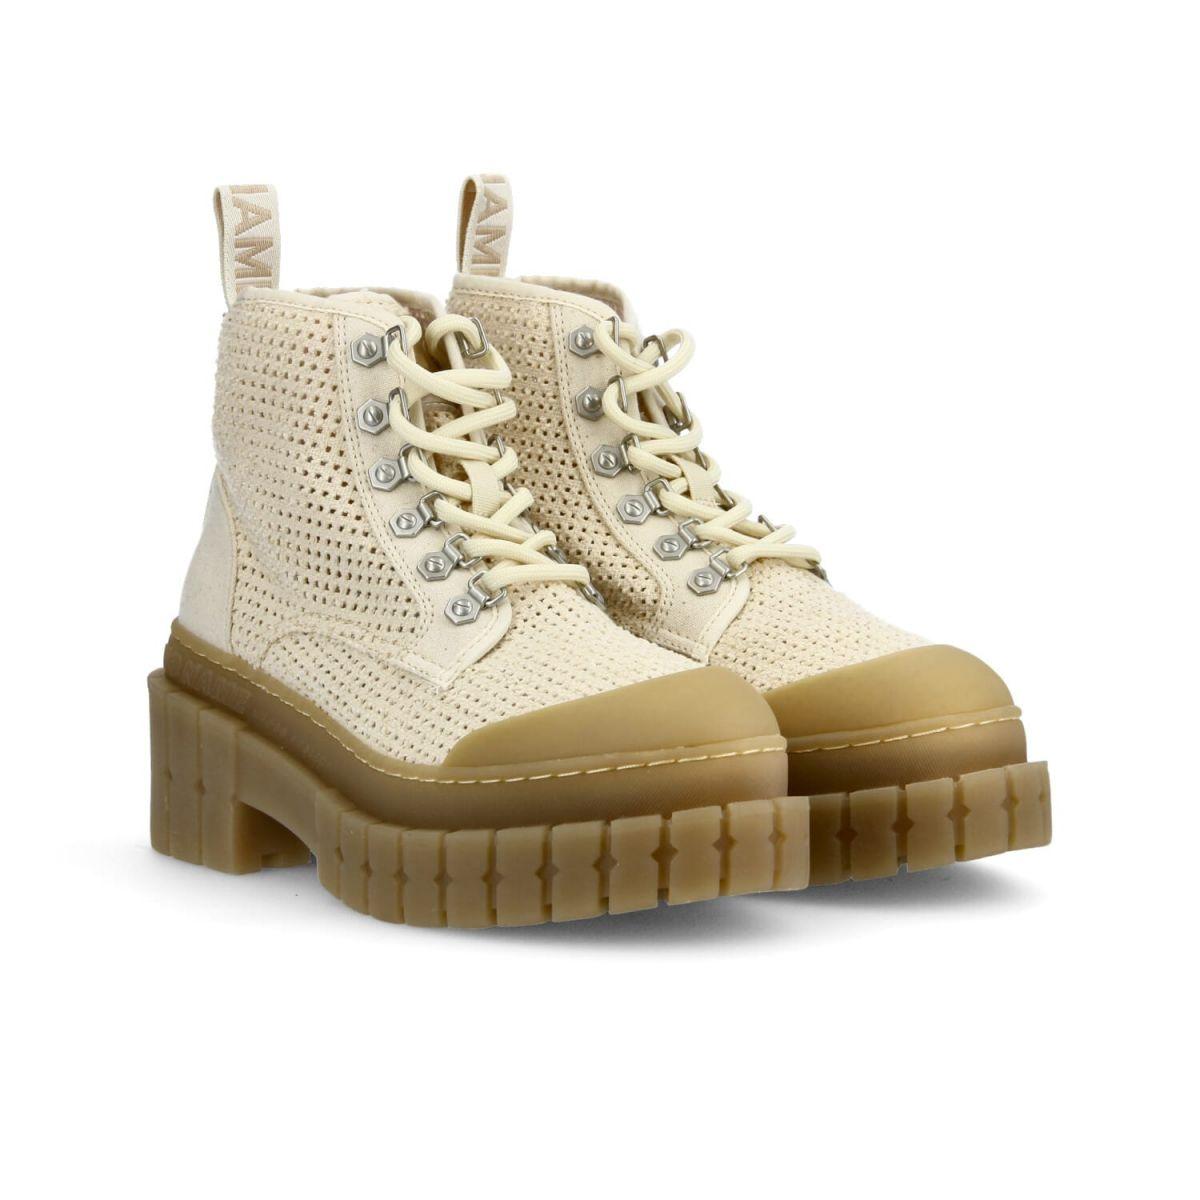 Bottines Kross Low Boots en toile de coton et semelle crantée de 7,5 cm, No Name, 119€.